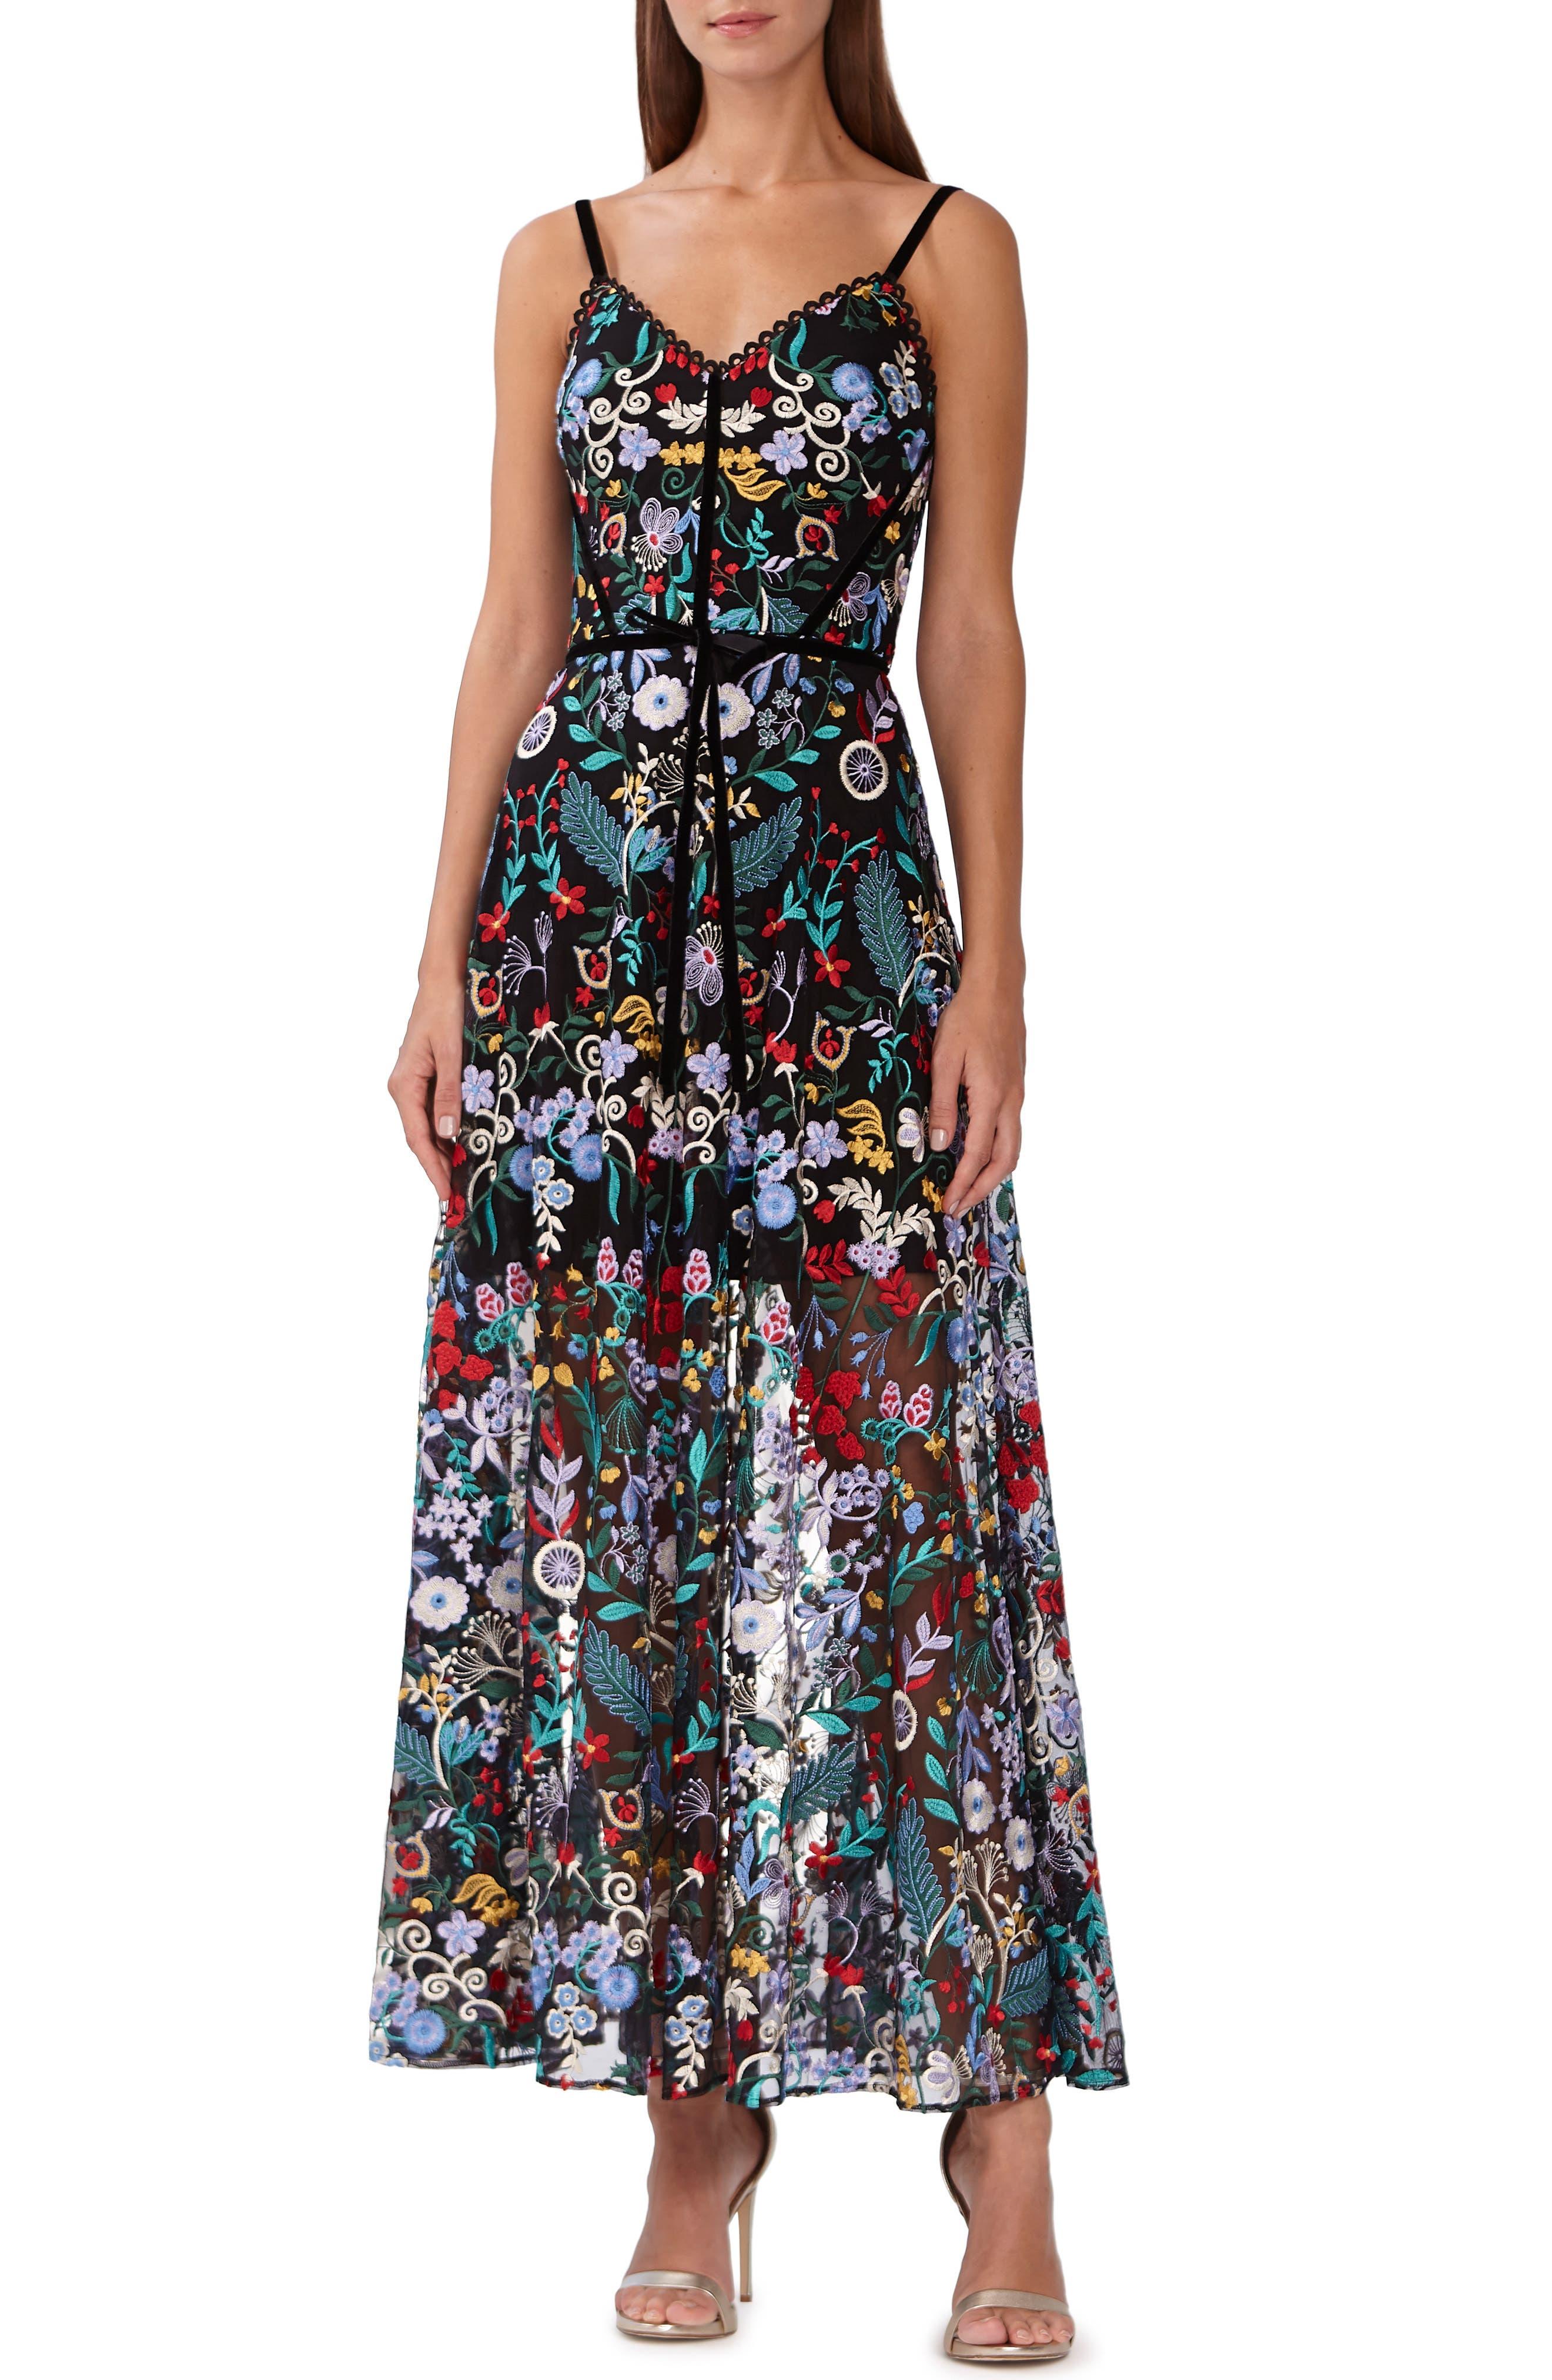 ML MONIQUE LHUILLIER ML Monique Lhuilier Floral Embroidered Mesh Dress, Main, color, JET MULTI